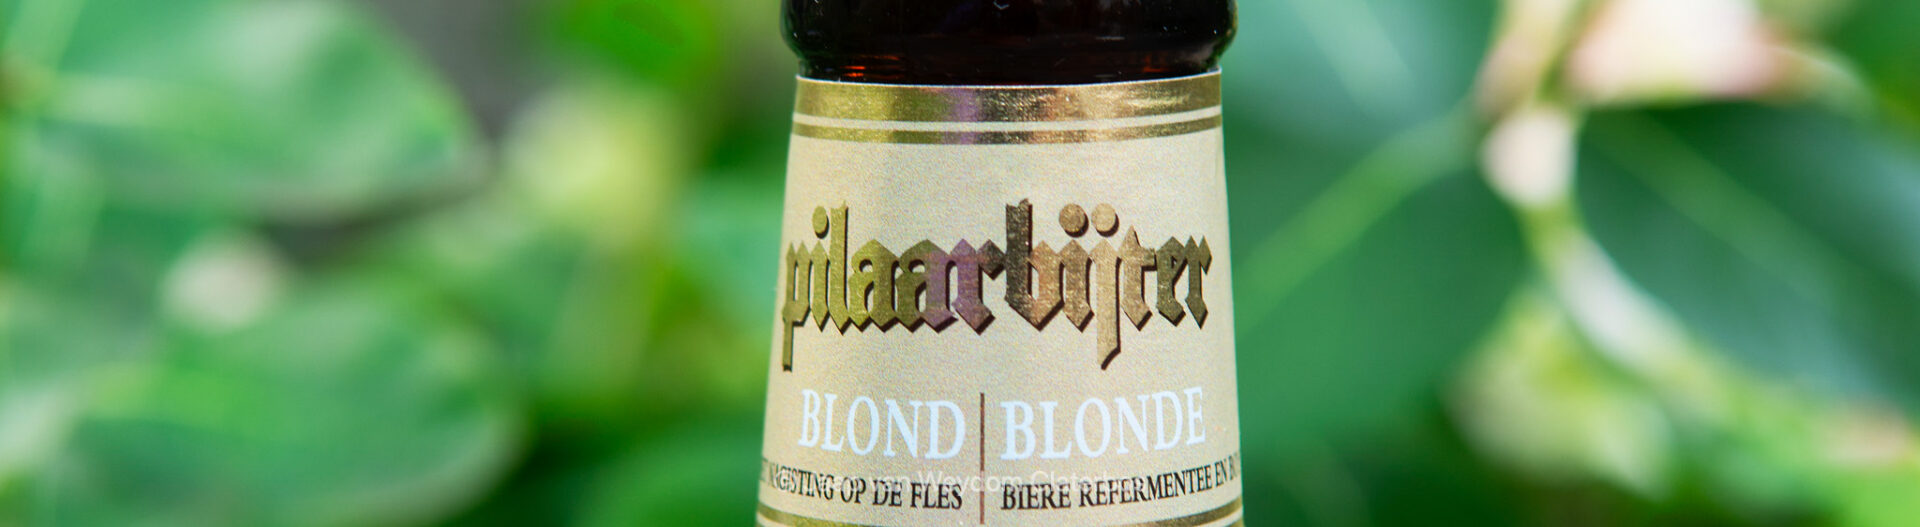 Pilaarbijter - Brouwerij De Brabandere